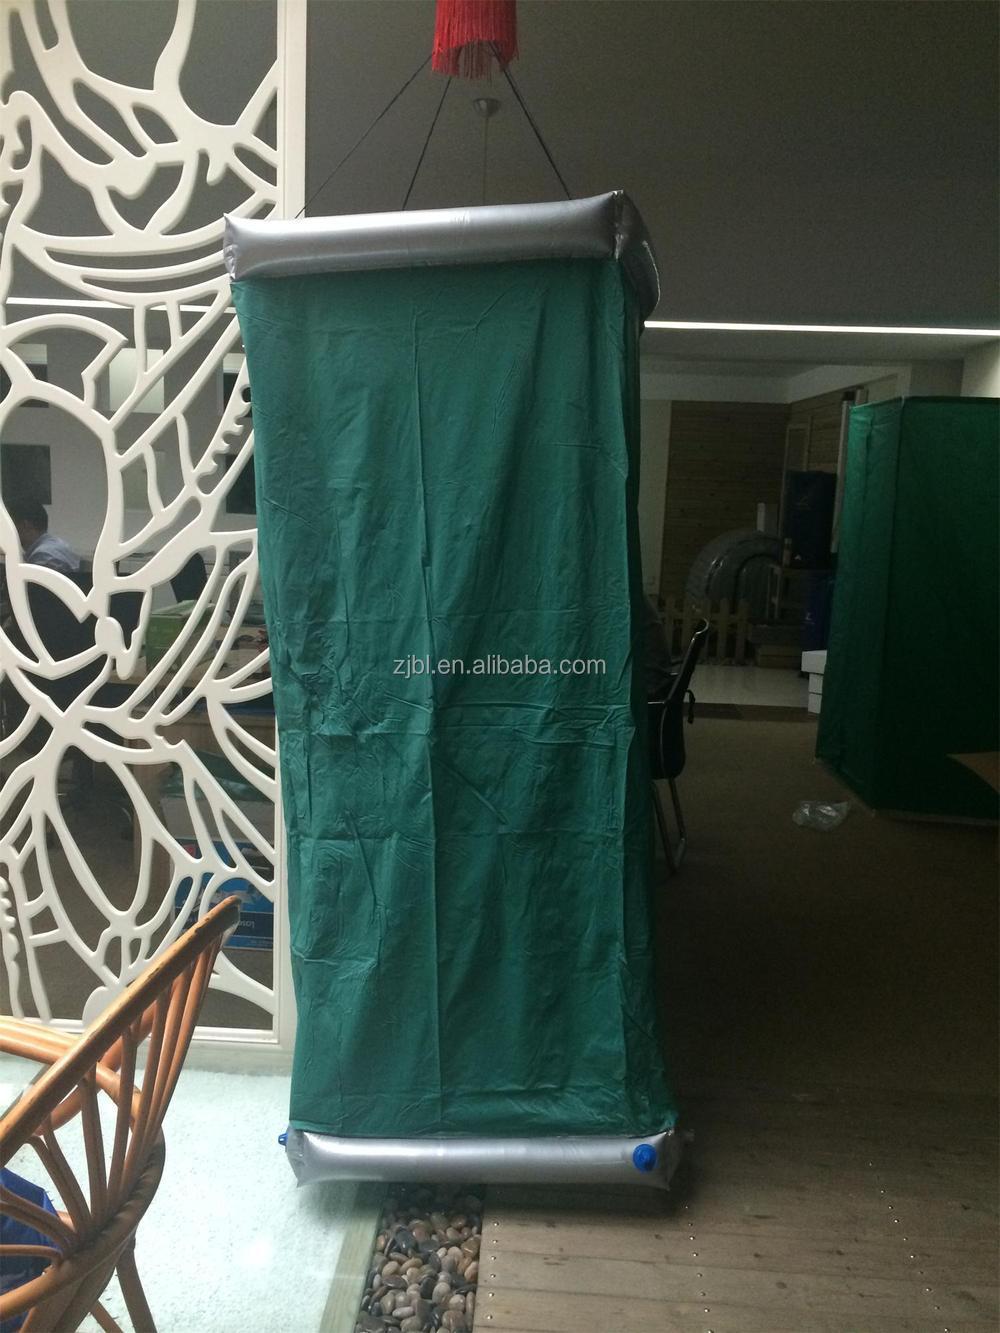 gonflable extérieure cabine de douche - buy gonflable extérieure